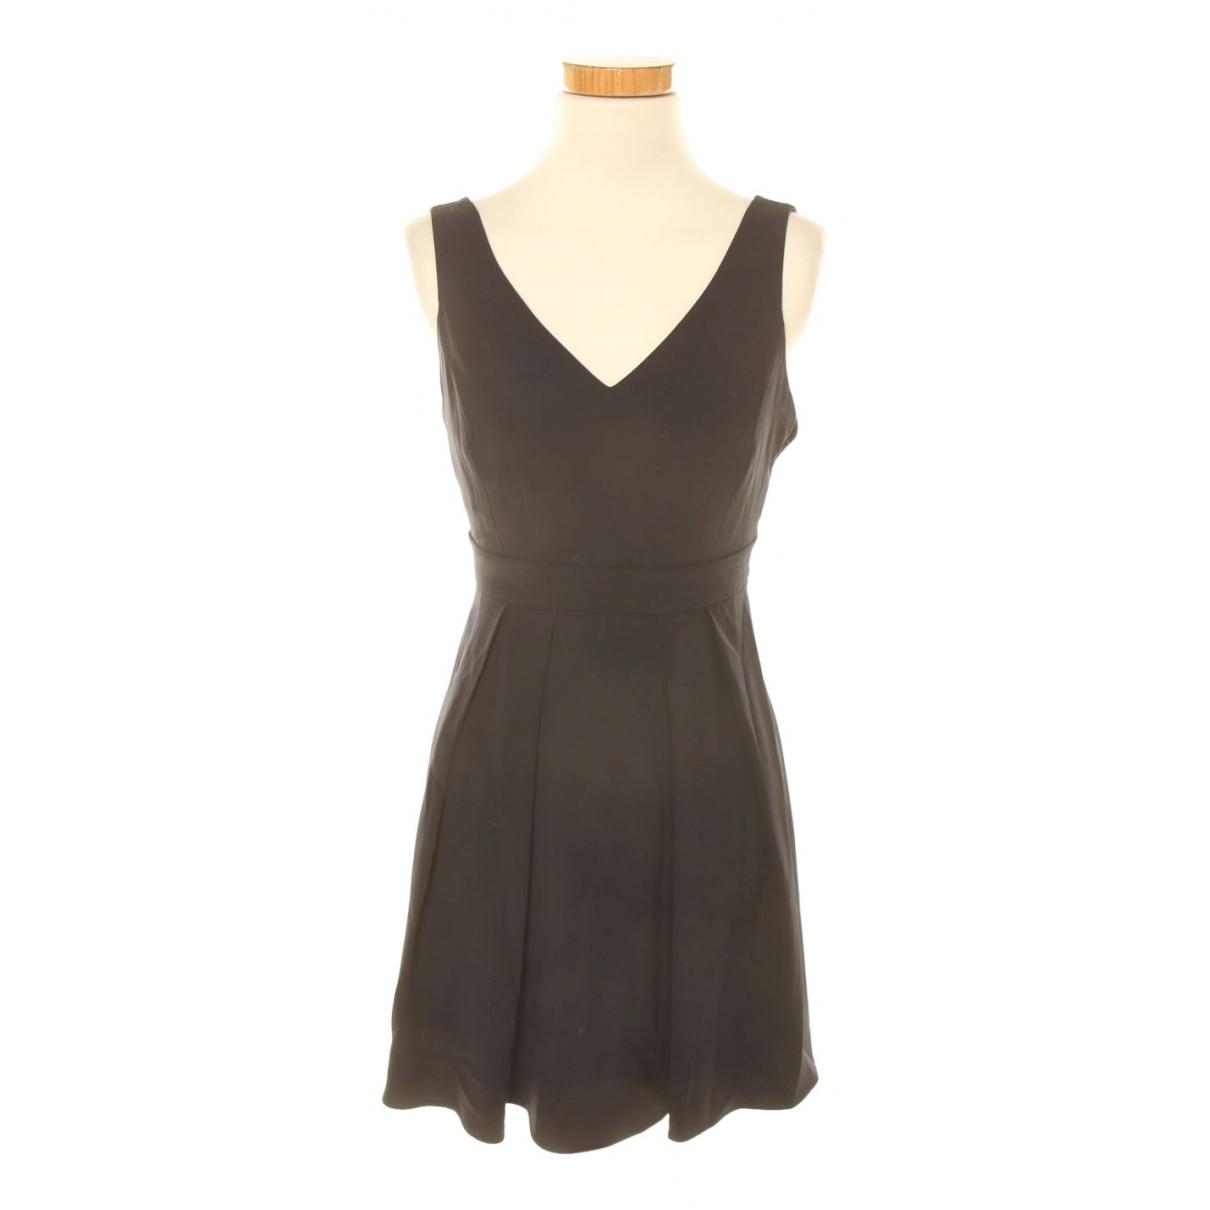 Claudie Pierlot \N Kleid in  Marine Polyester